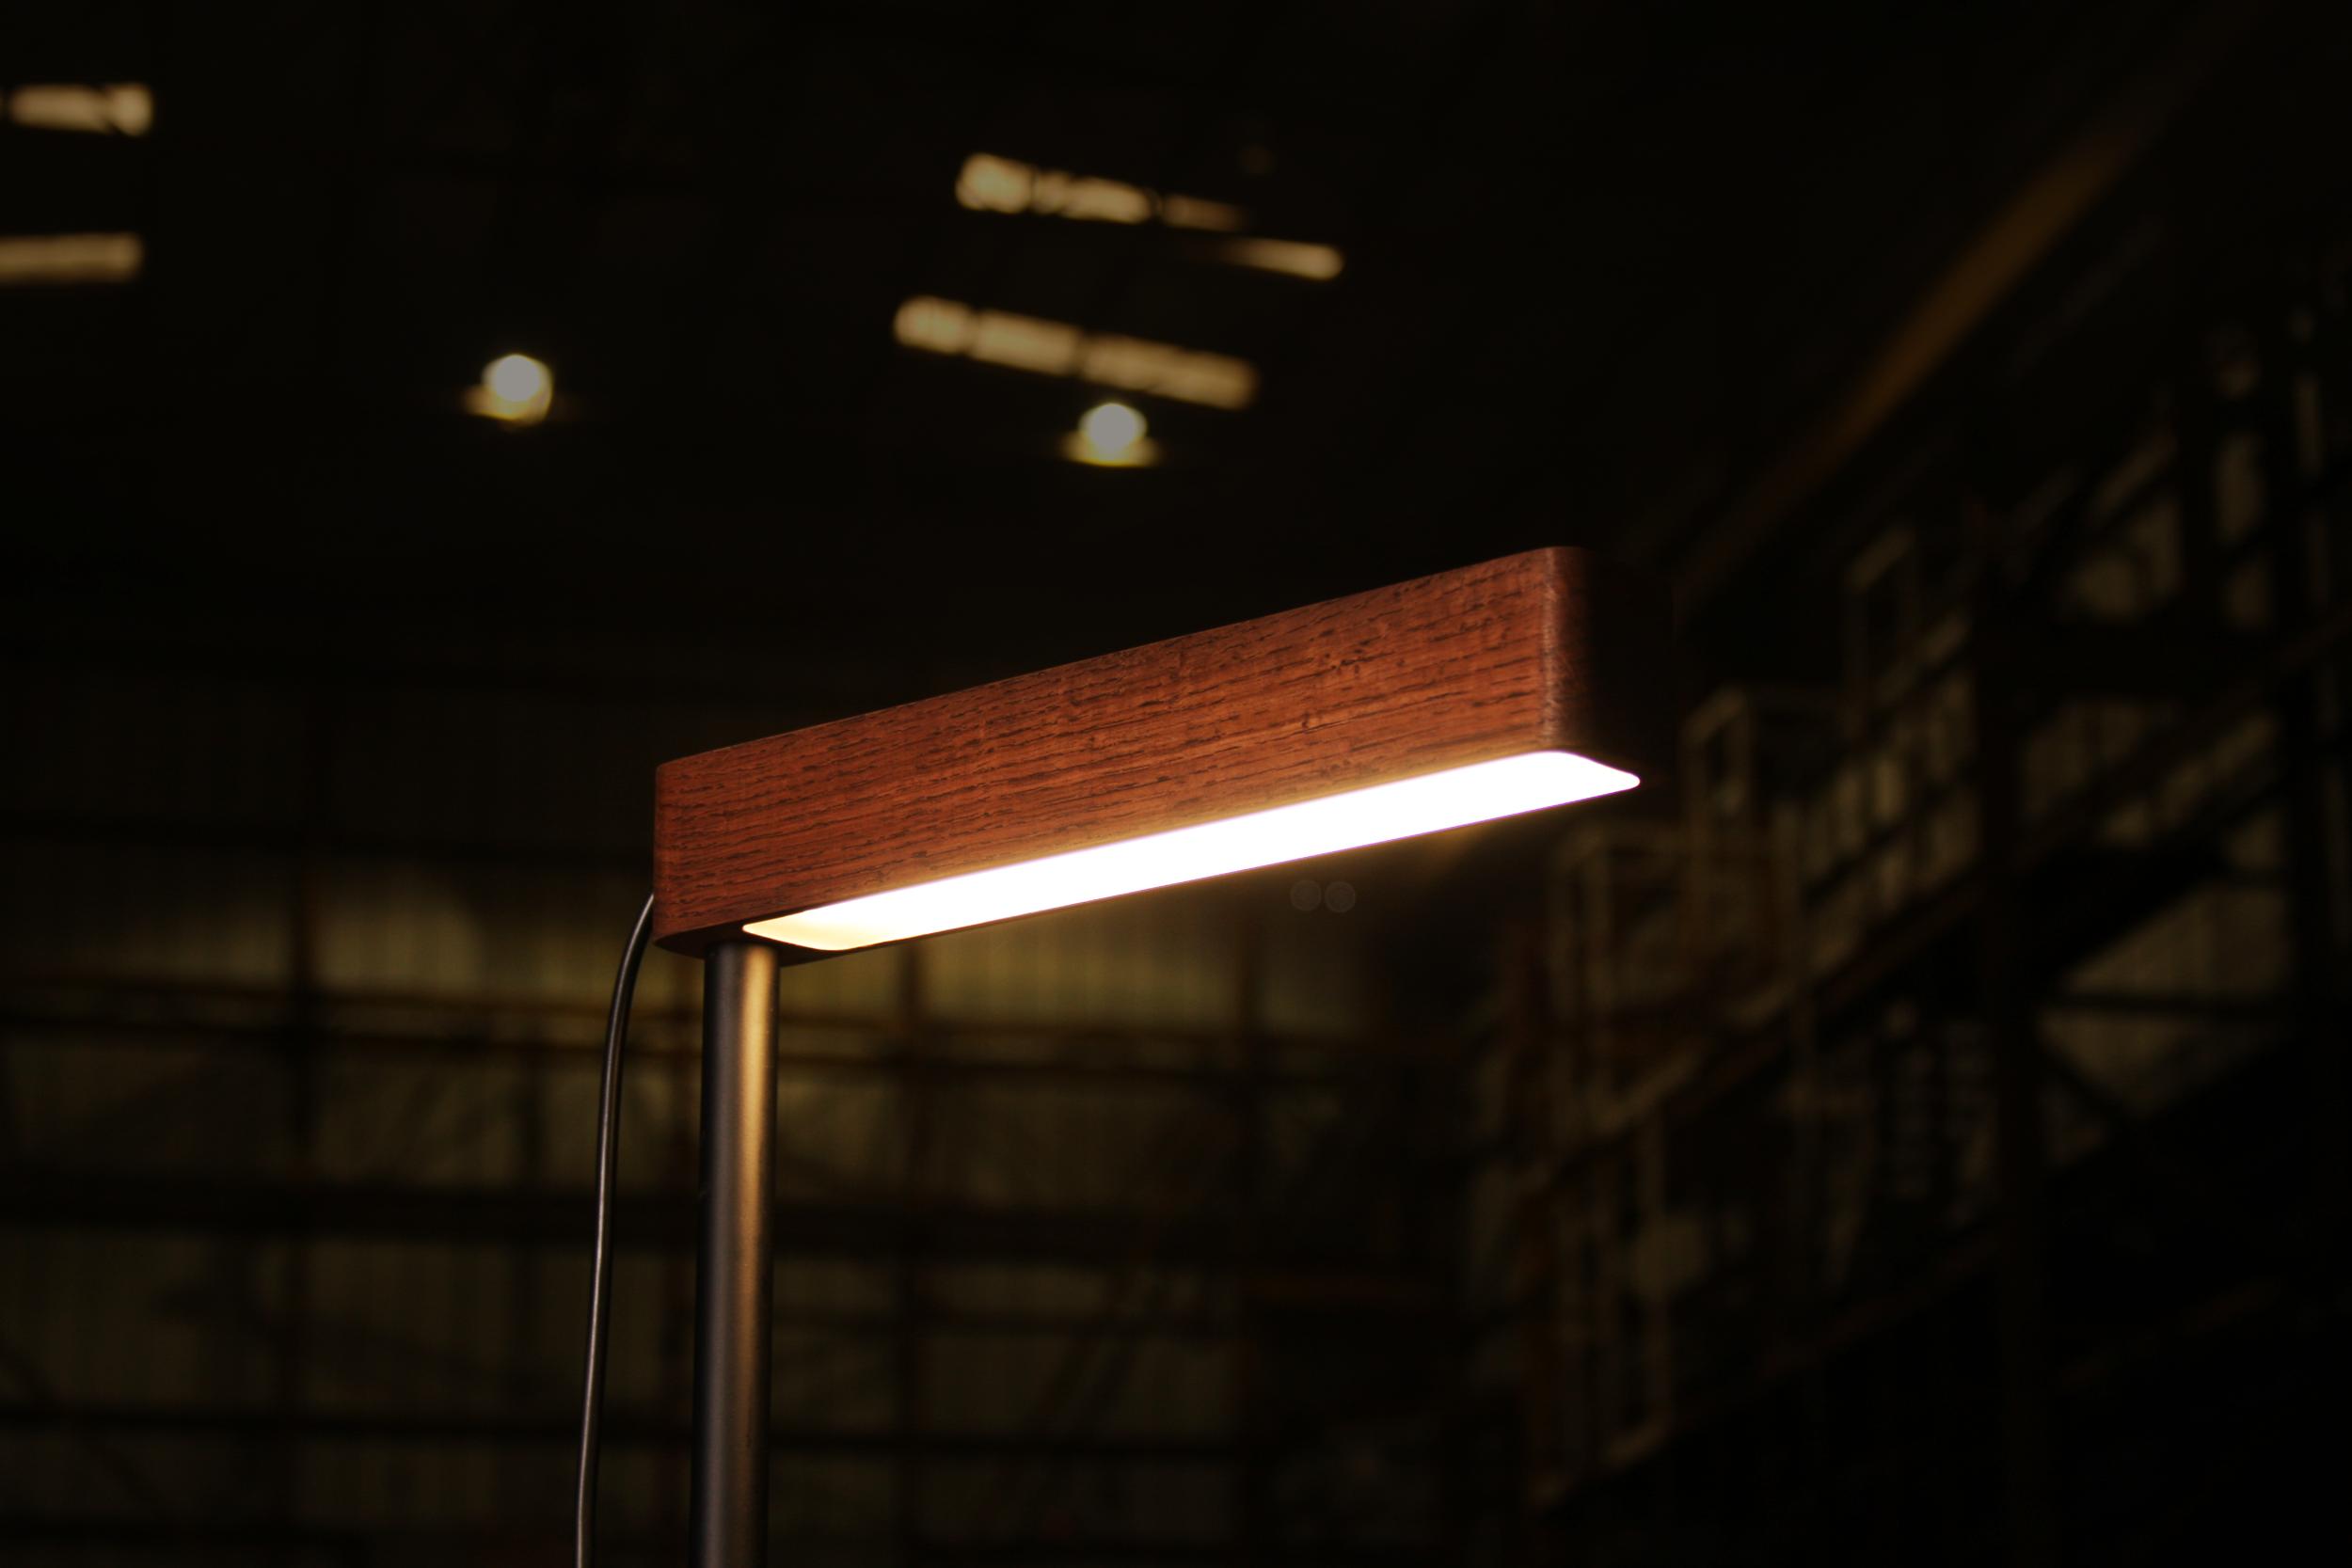 Stela lamp top.png